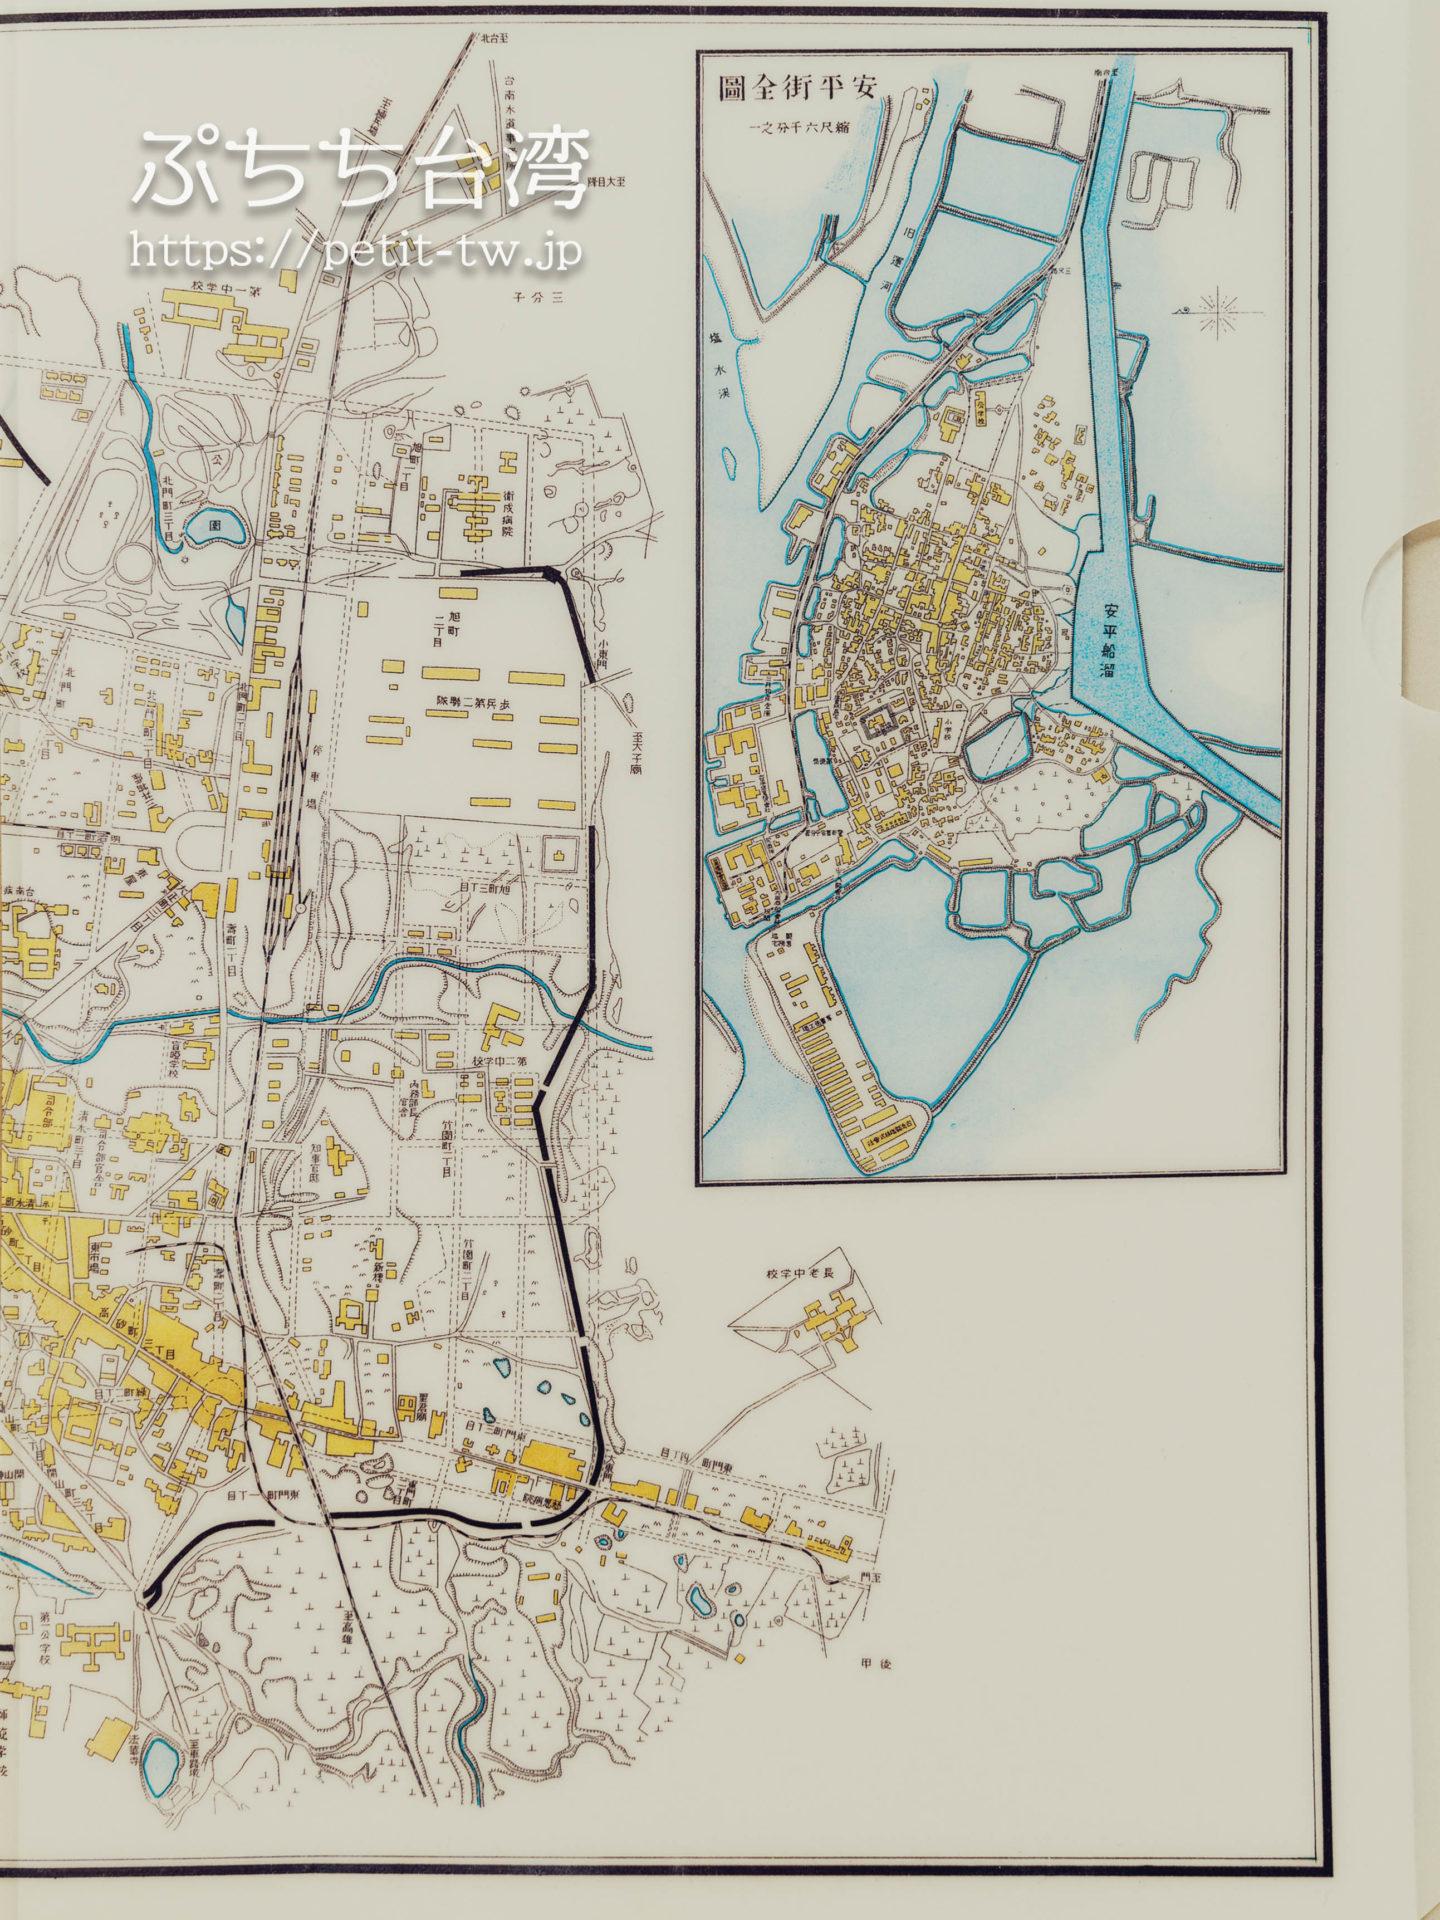 台南市全図(1924年 大正13年)